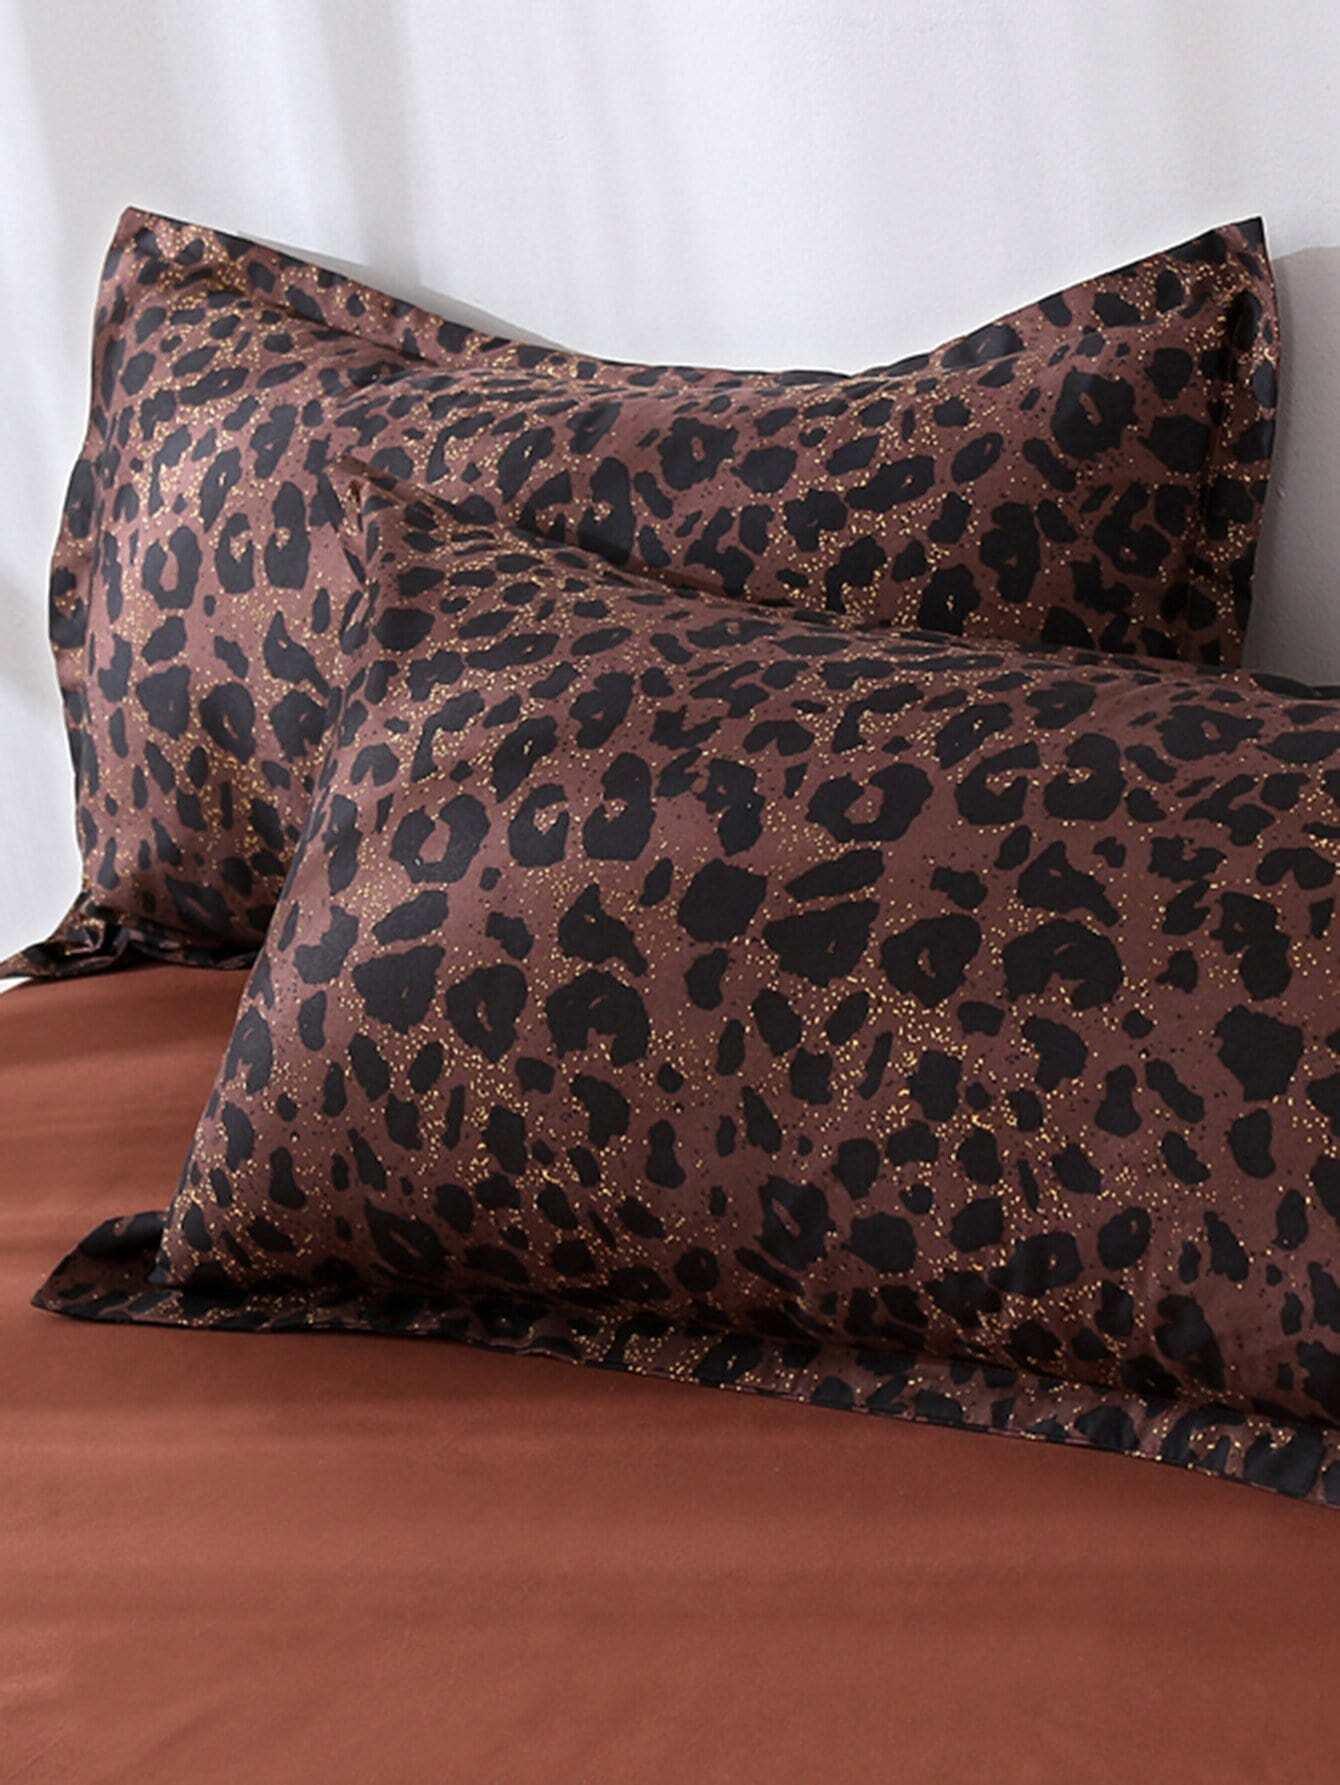 Leopard Print Pillowcase Cover pug print pillowcase cover